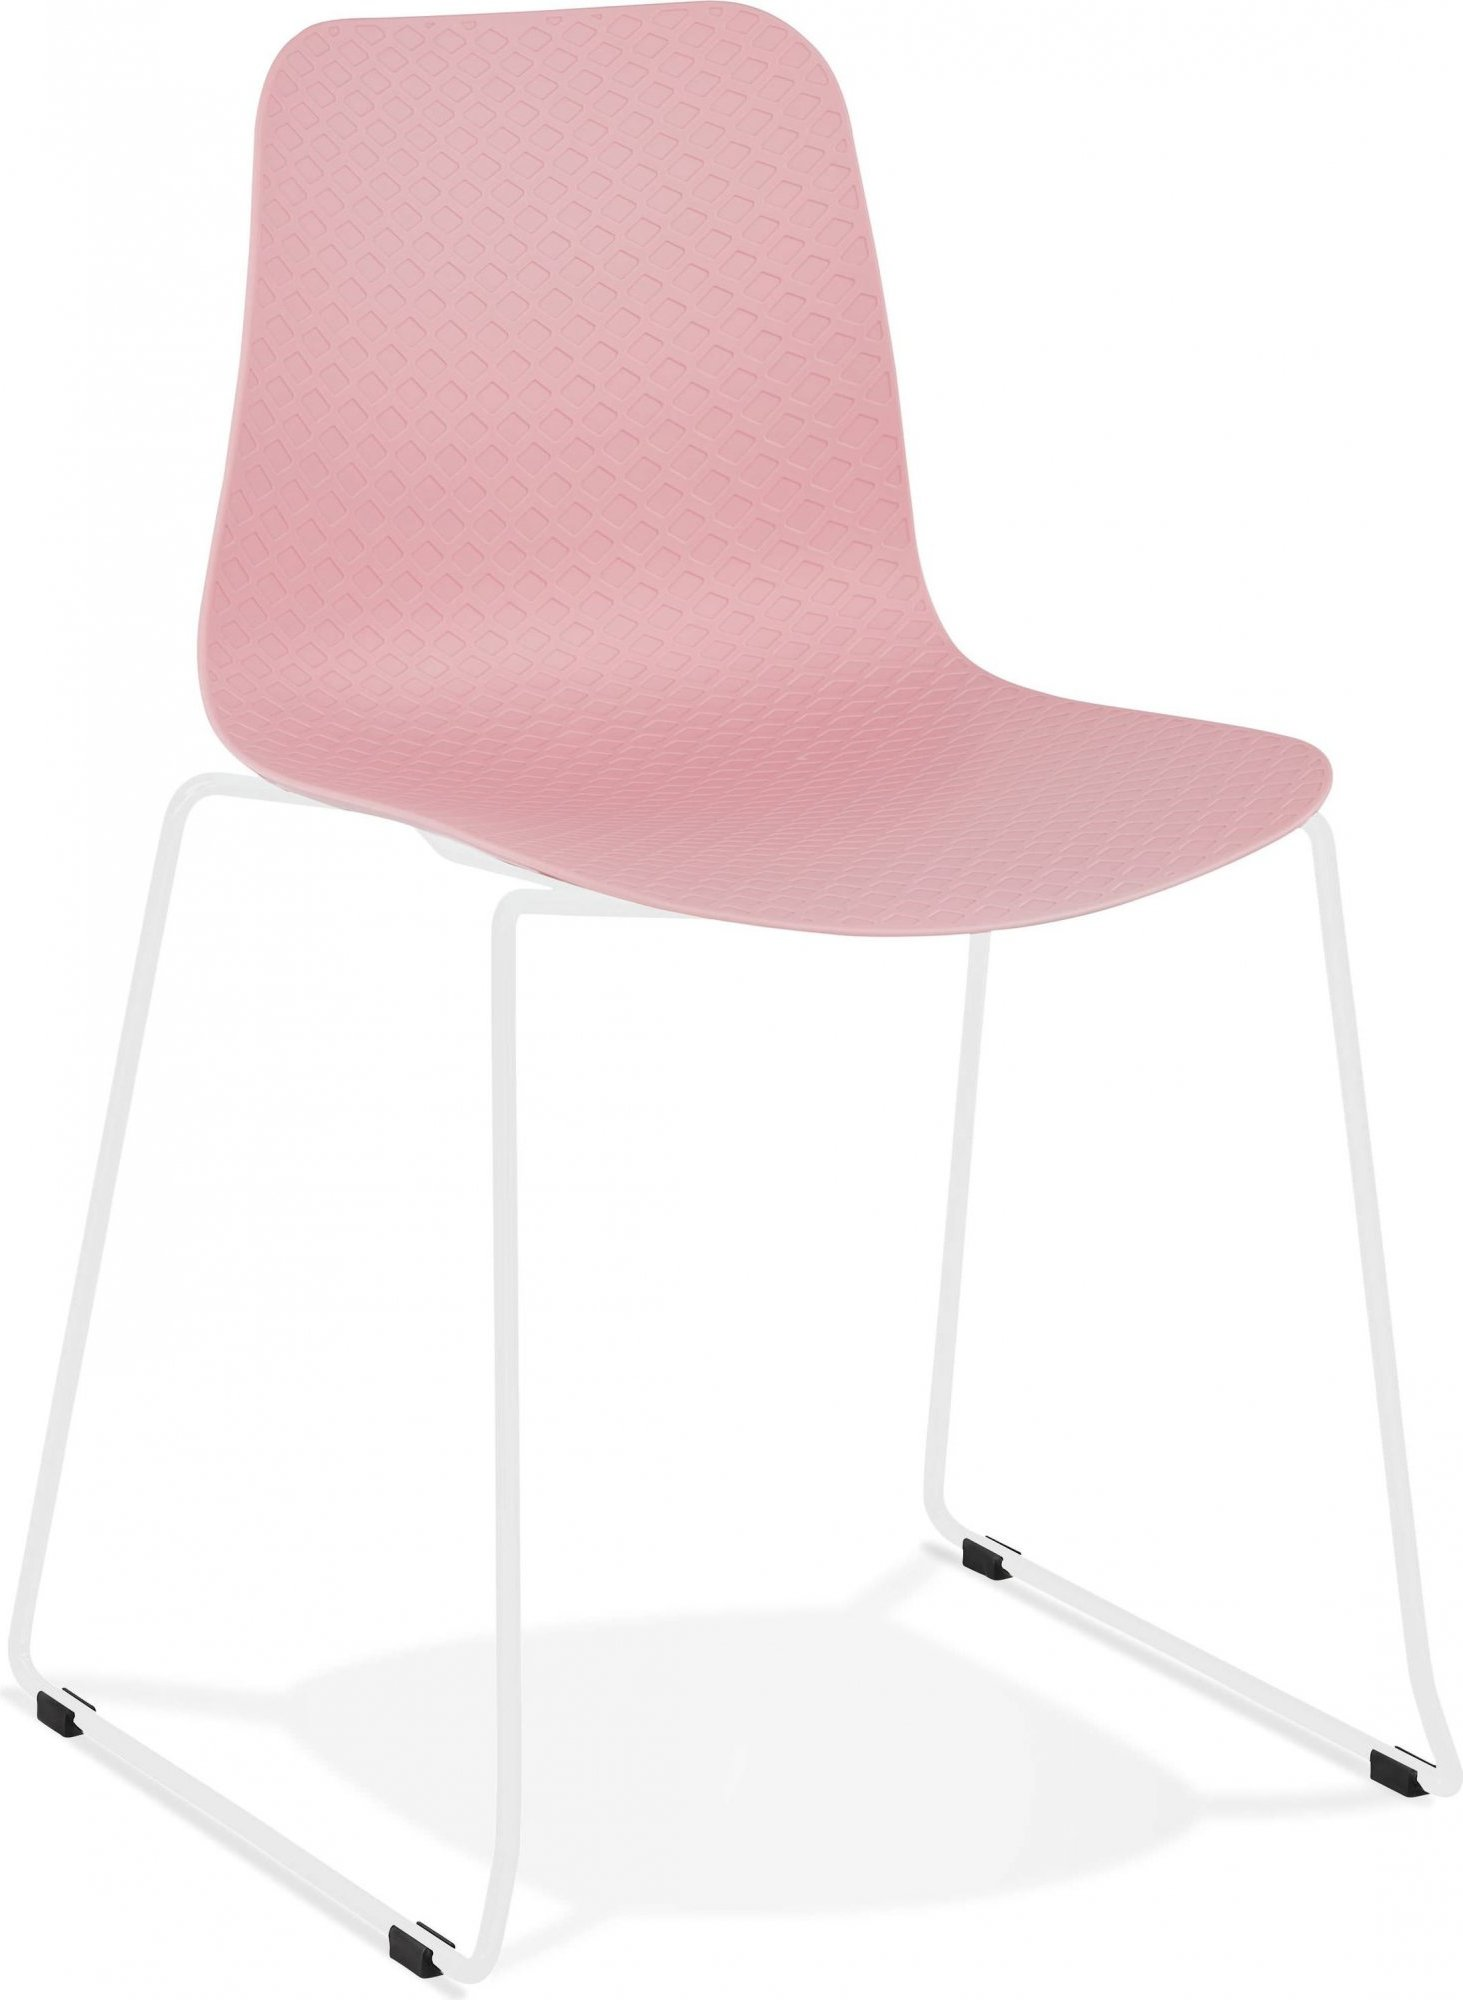 Chaise de table design assise couleur rose pieds blanc